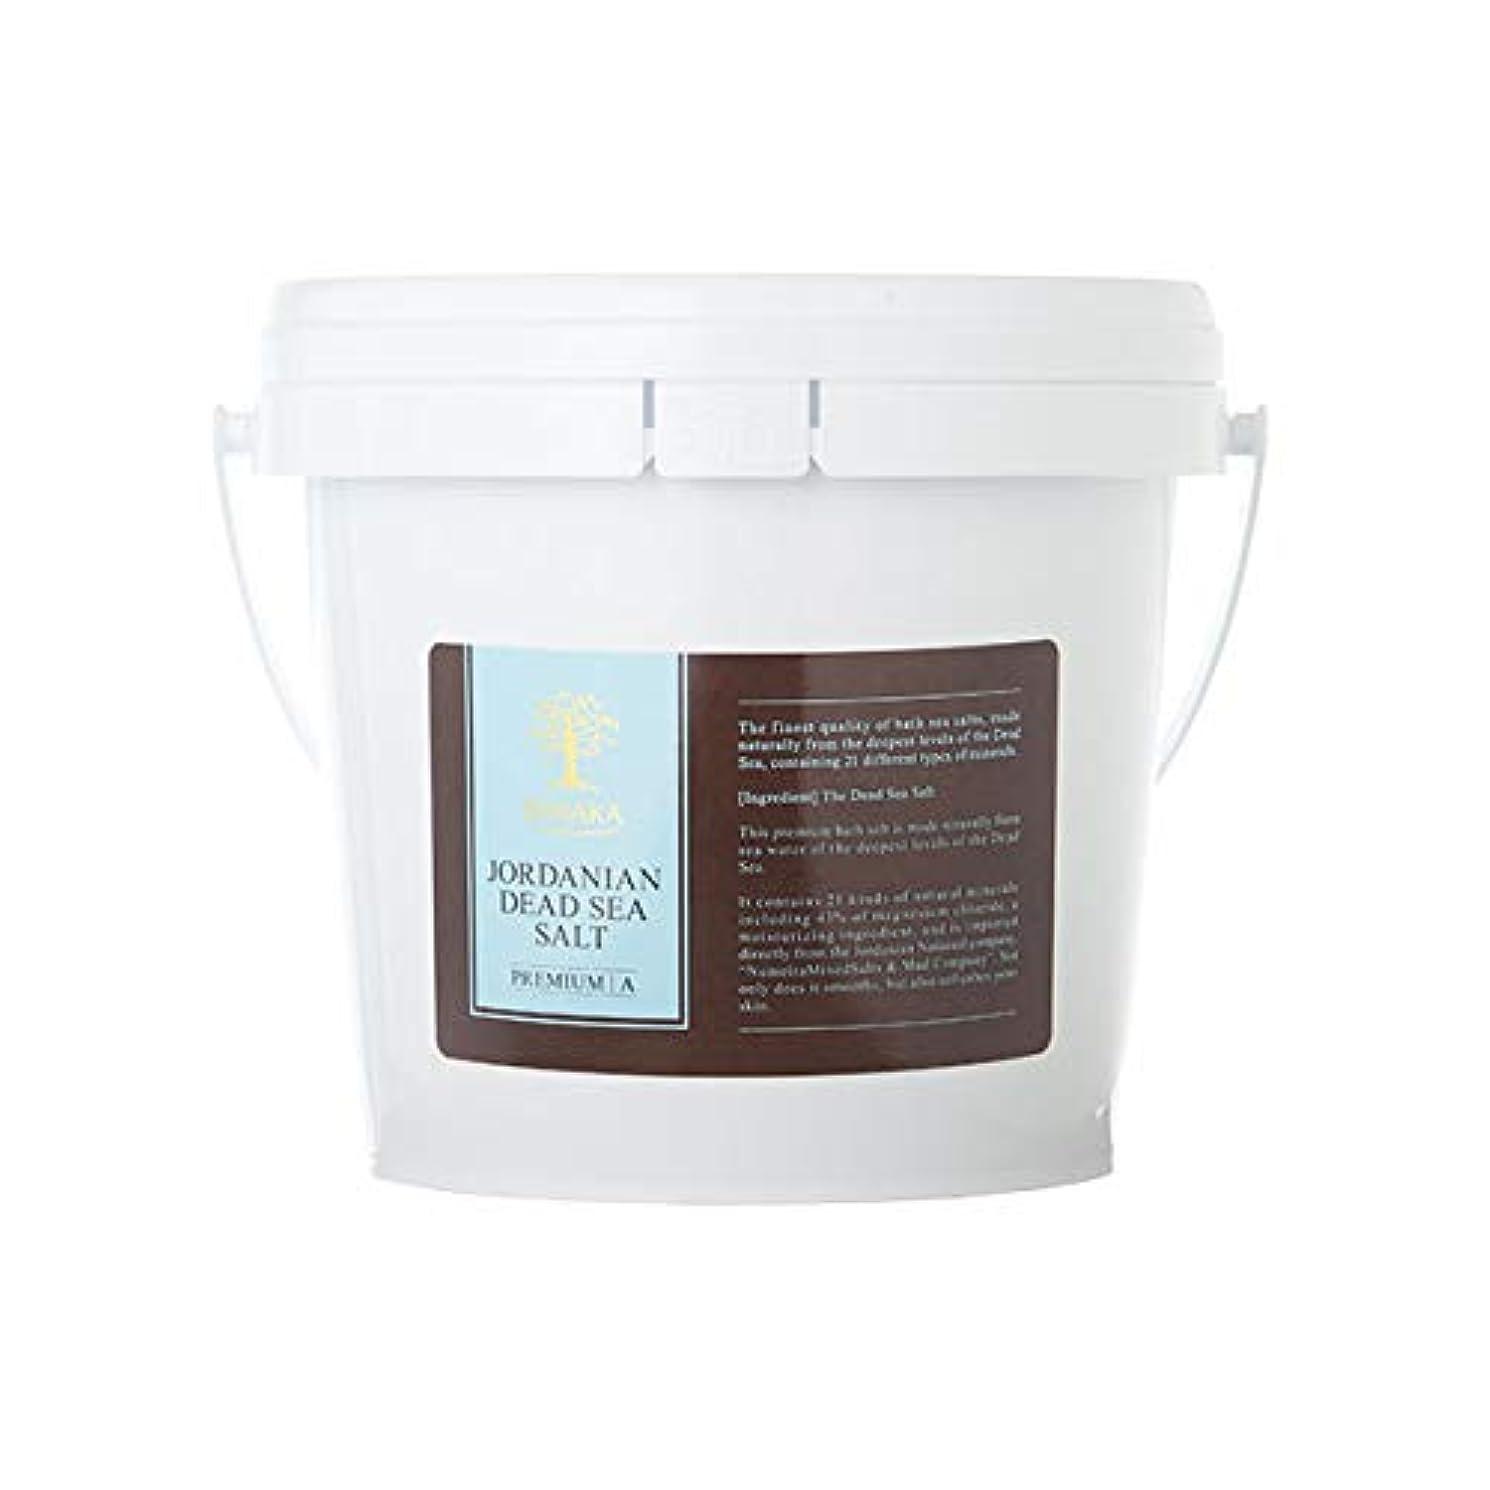 返還内側不公平BARAKA(バラカ) ジョルダニアン デッドシー ソルト バケツ 1.5kg バスソルト 入浴剤 ヨルダン産死海塩100%